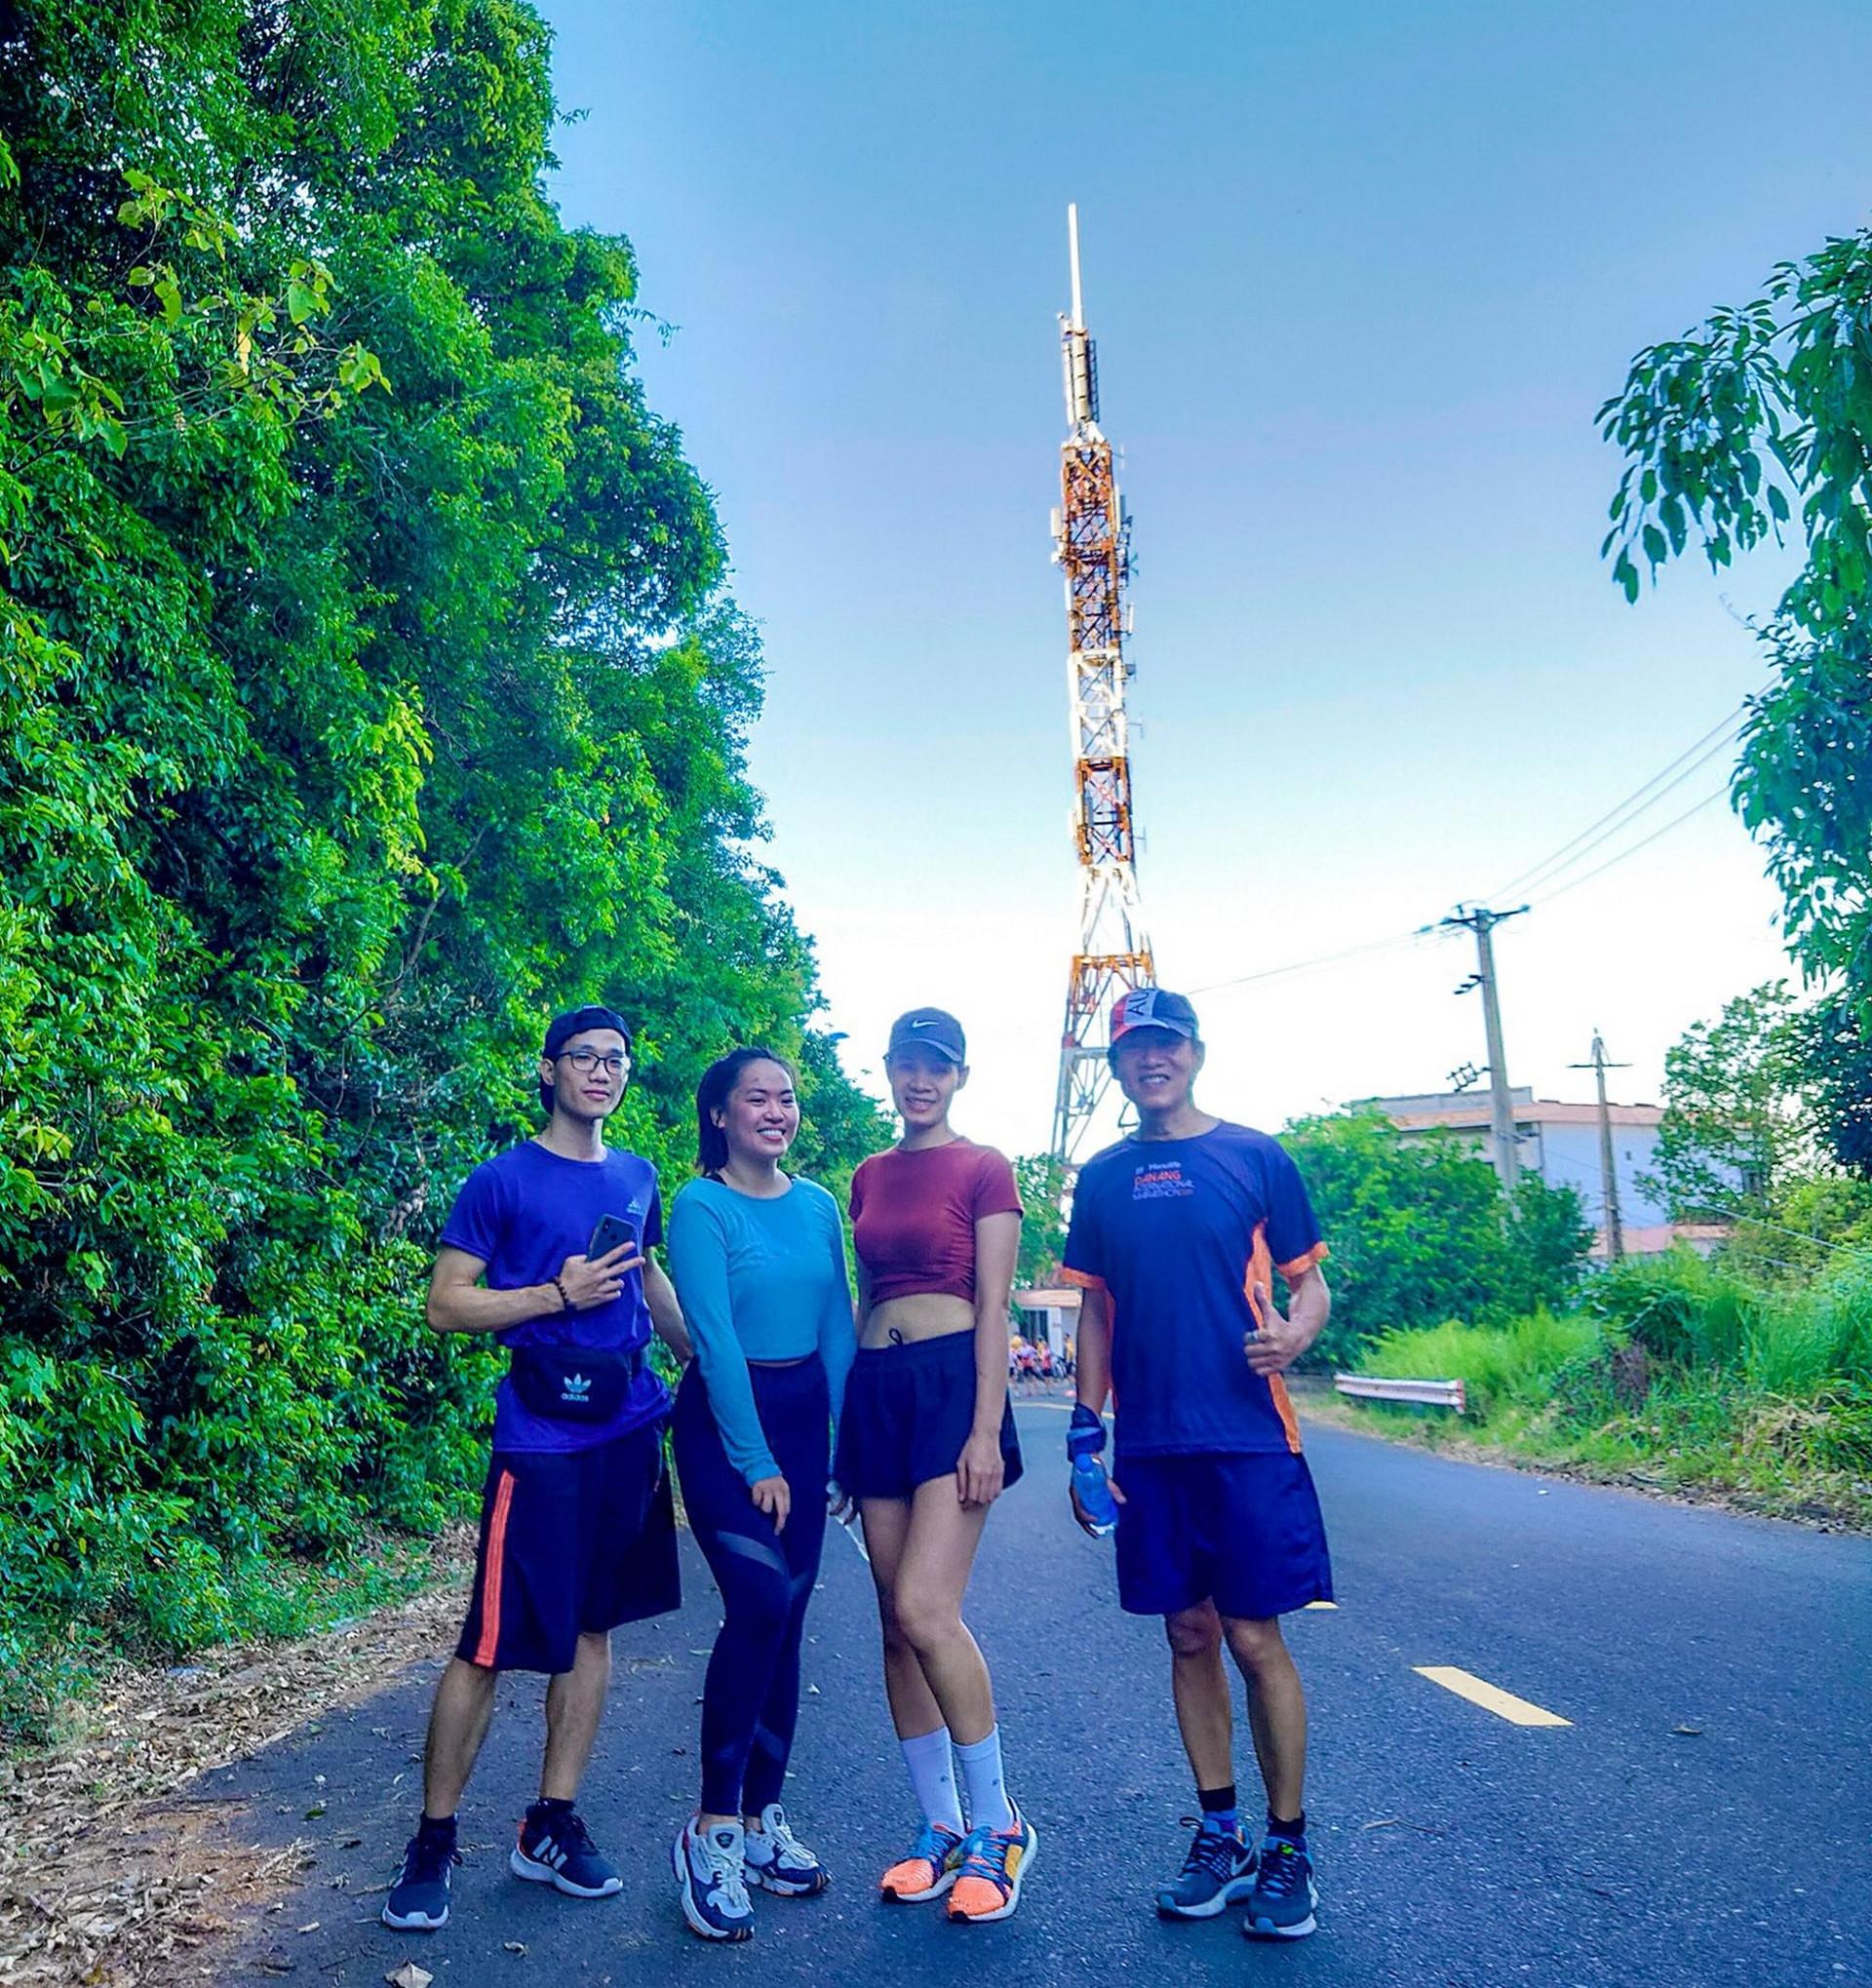 Bạn đã bao giờ nghĩ đến việc chạy bộ khi đi du lịch ? - 5